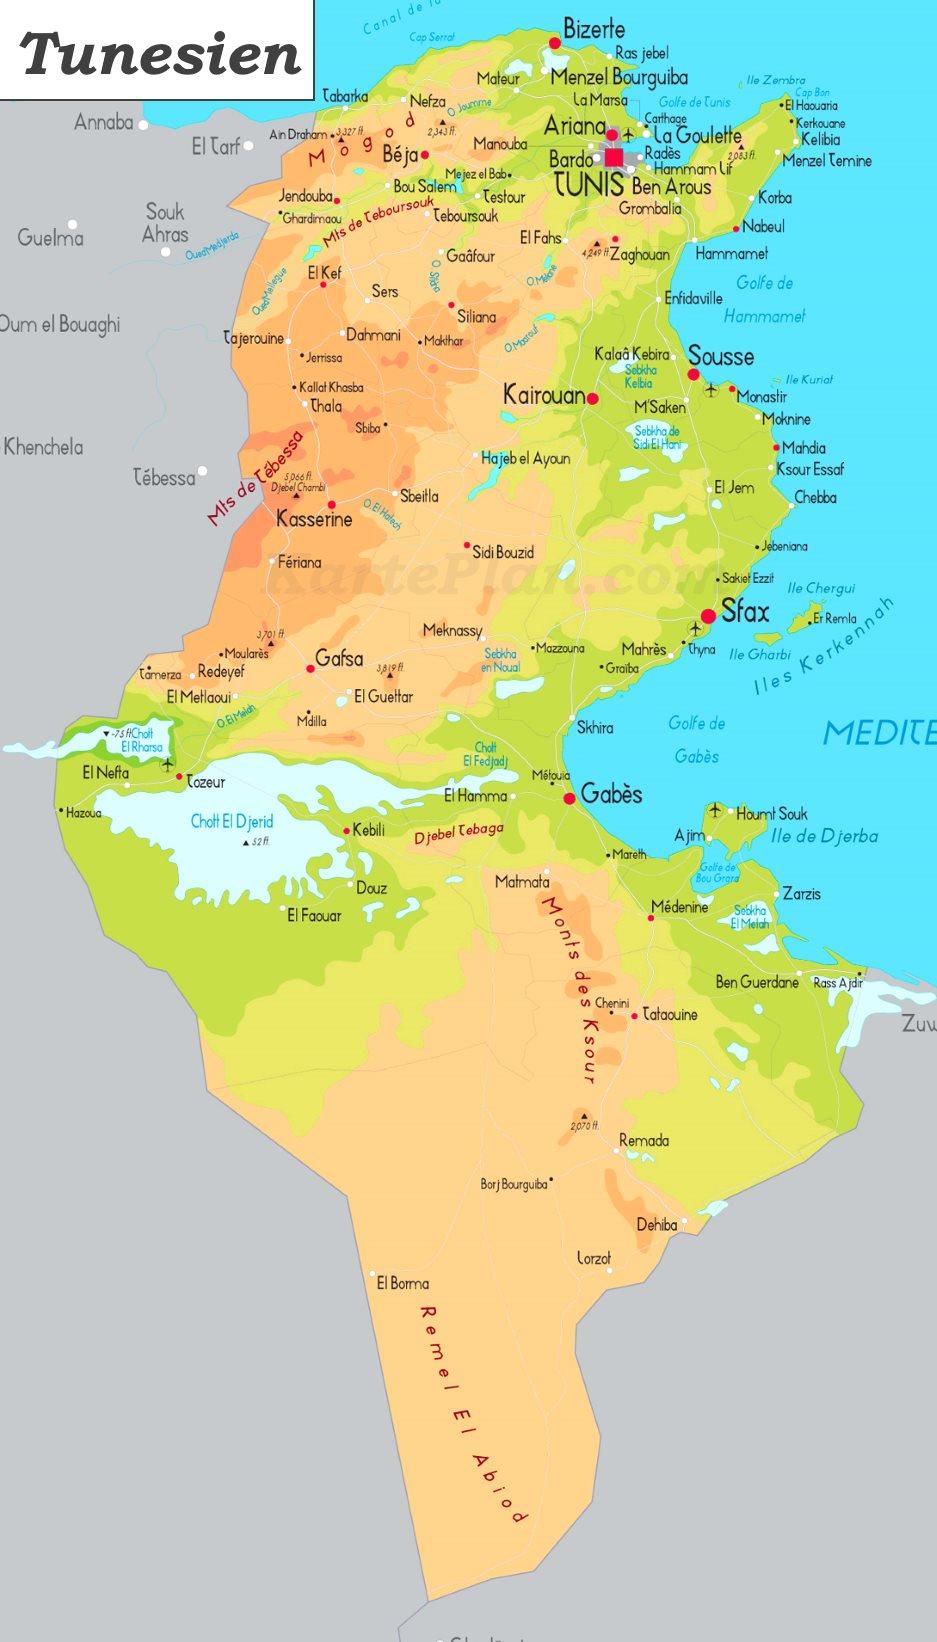 Tunesien Karte.Physische Landkarte Von Tunesien